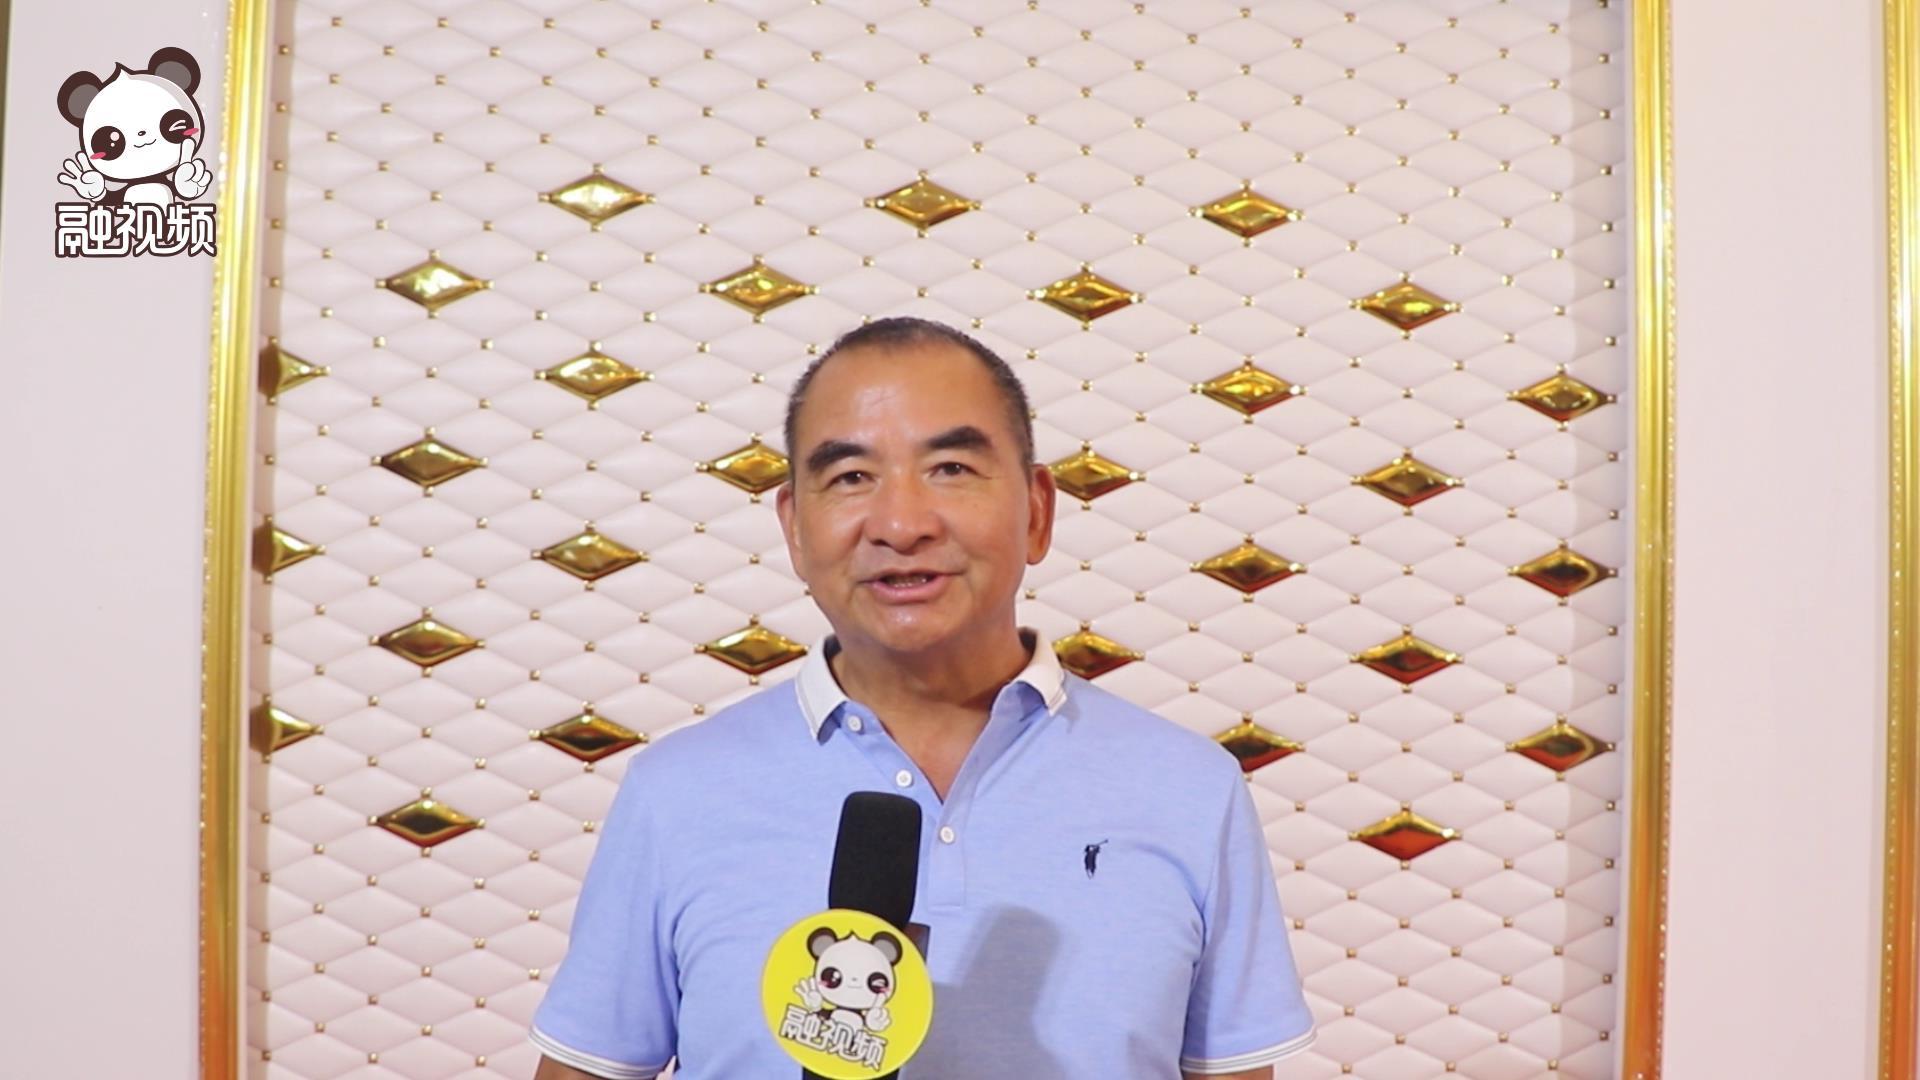 臺商?島主?快來認識這位臺灣人圖片